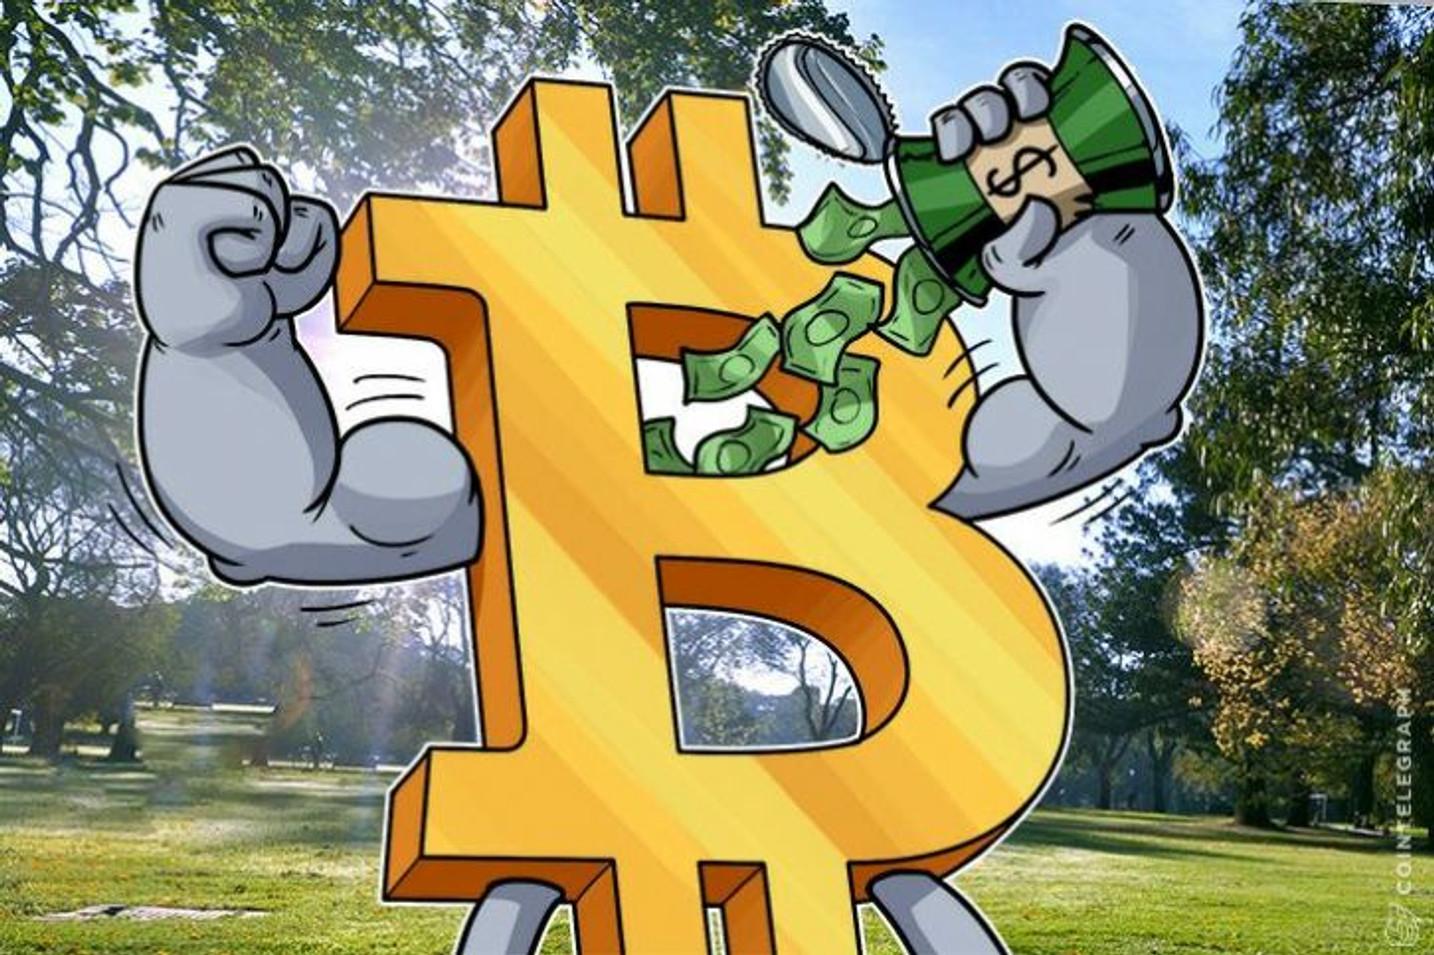 Cena Bitkoina: Finansijske institucije ulažu u bitkoin!